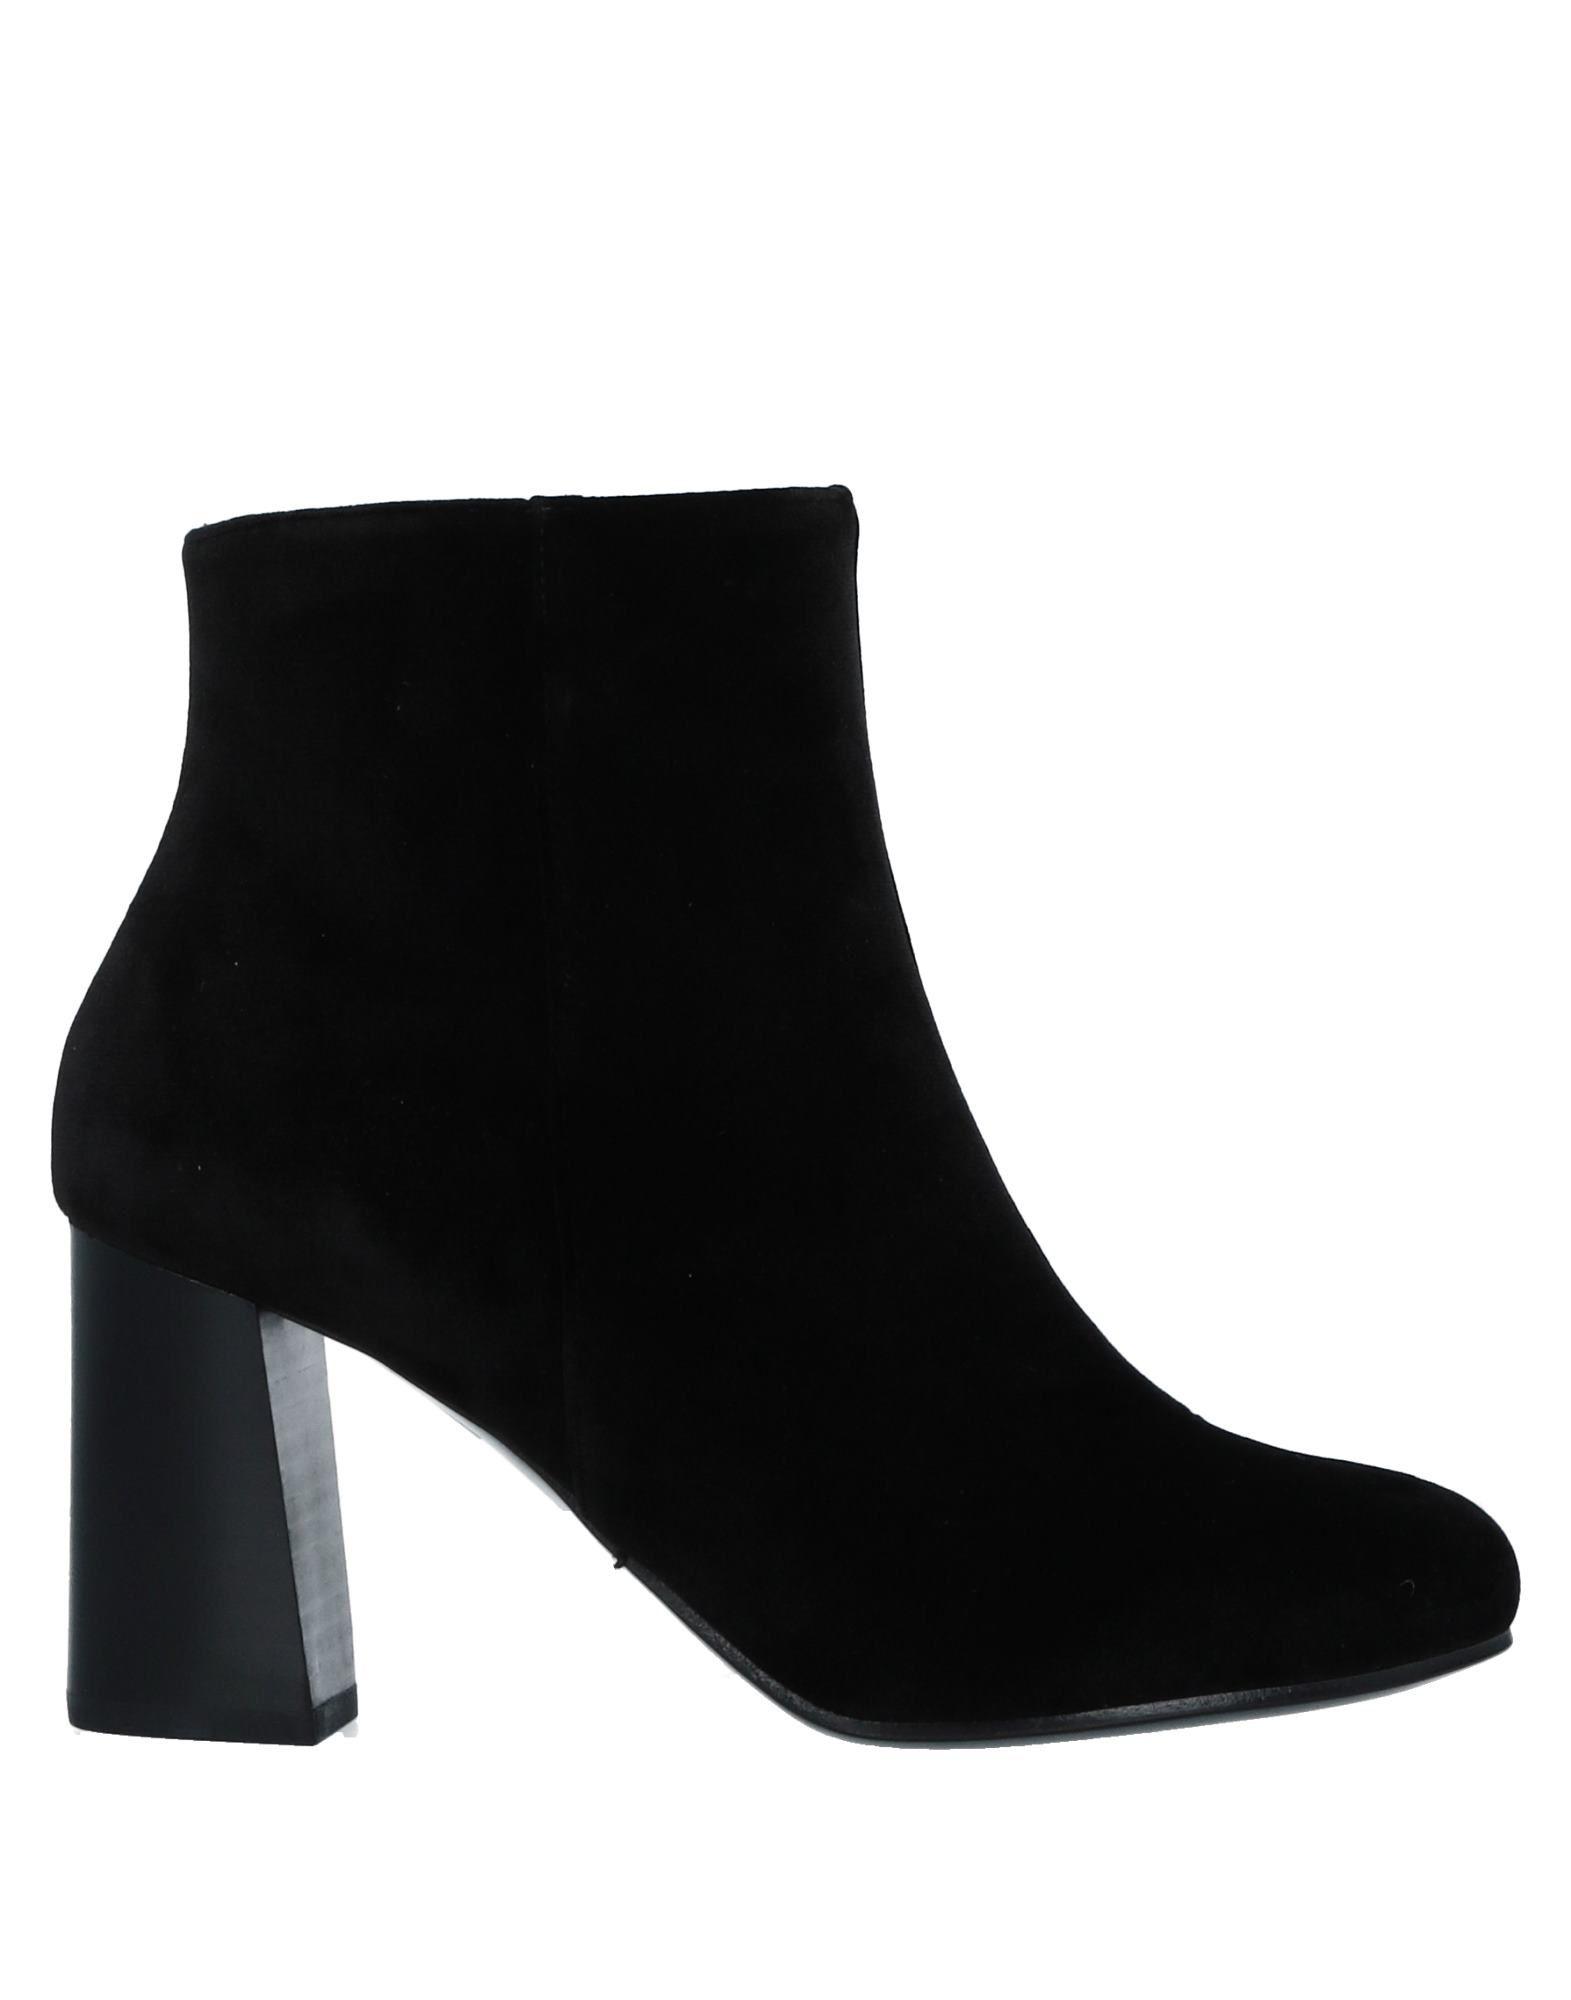 Patrizia Pepe Stiefelette Damen  11523143OB Neue Schuhe